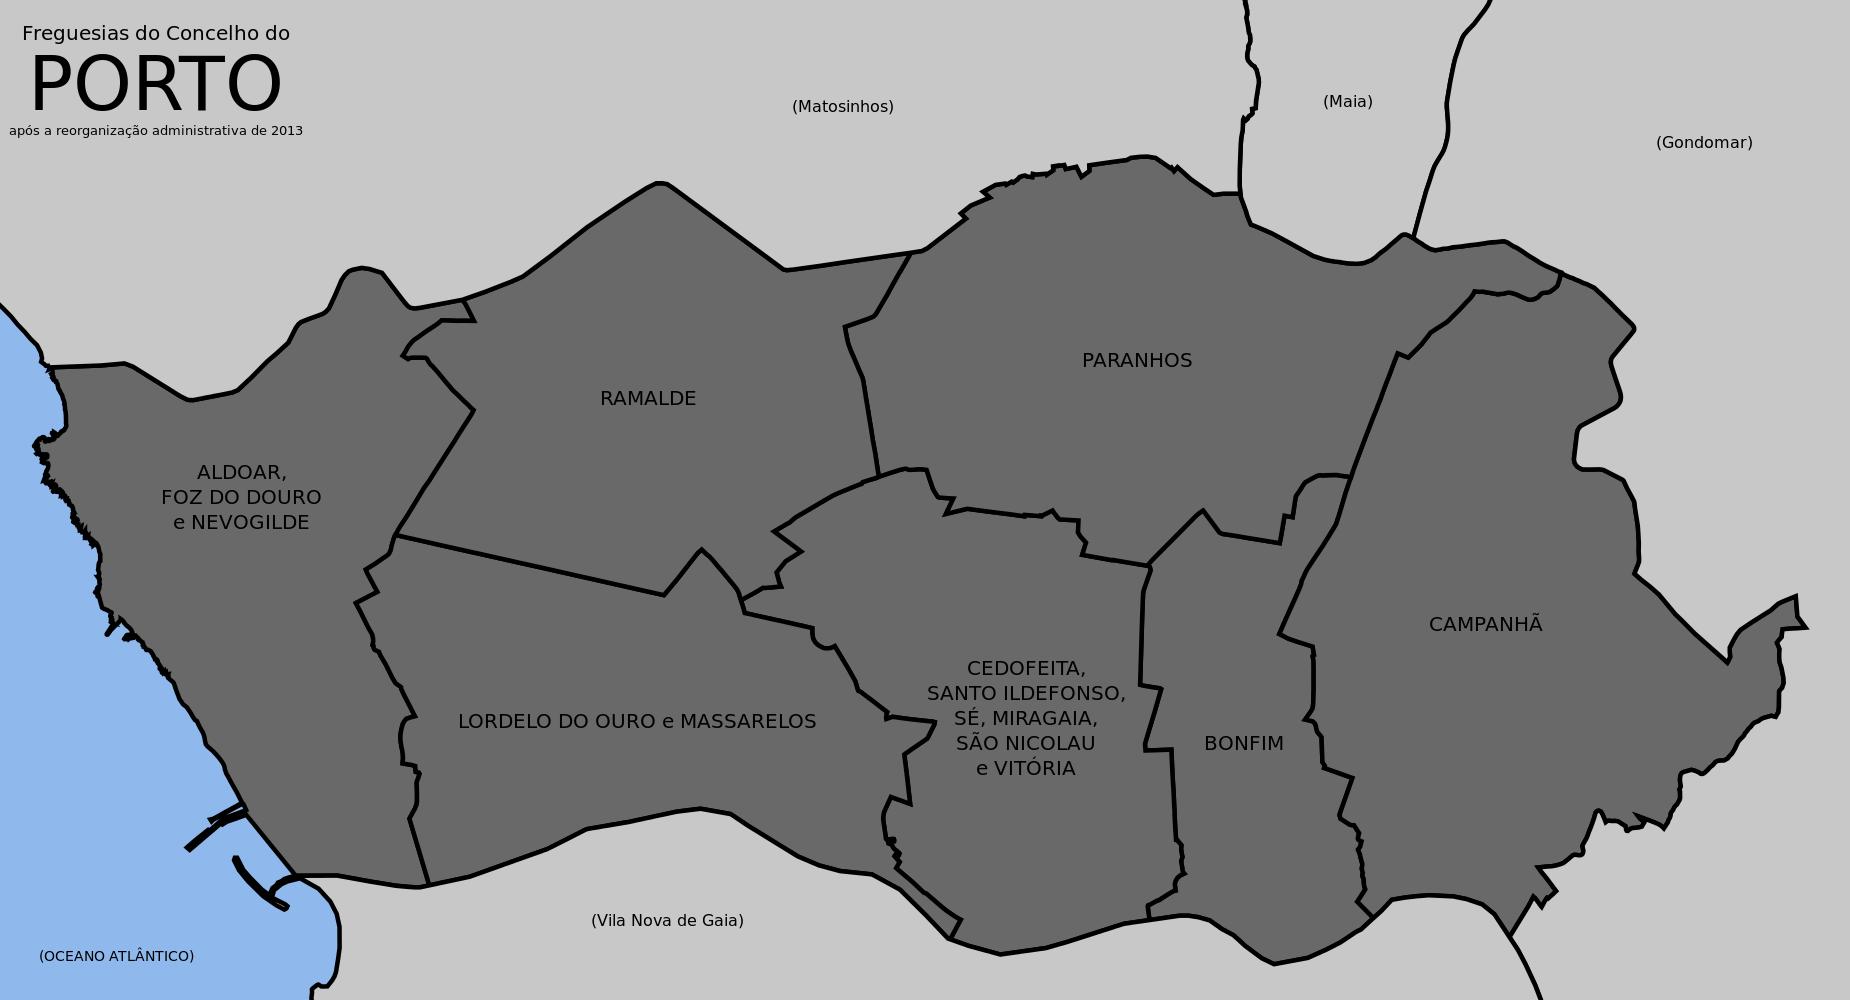 mapa porto freguesias Juntas de Freguesia (Porto) – INDEPENDENTES CONQUISTAM MAIOR  mapa porto freguesias